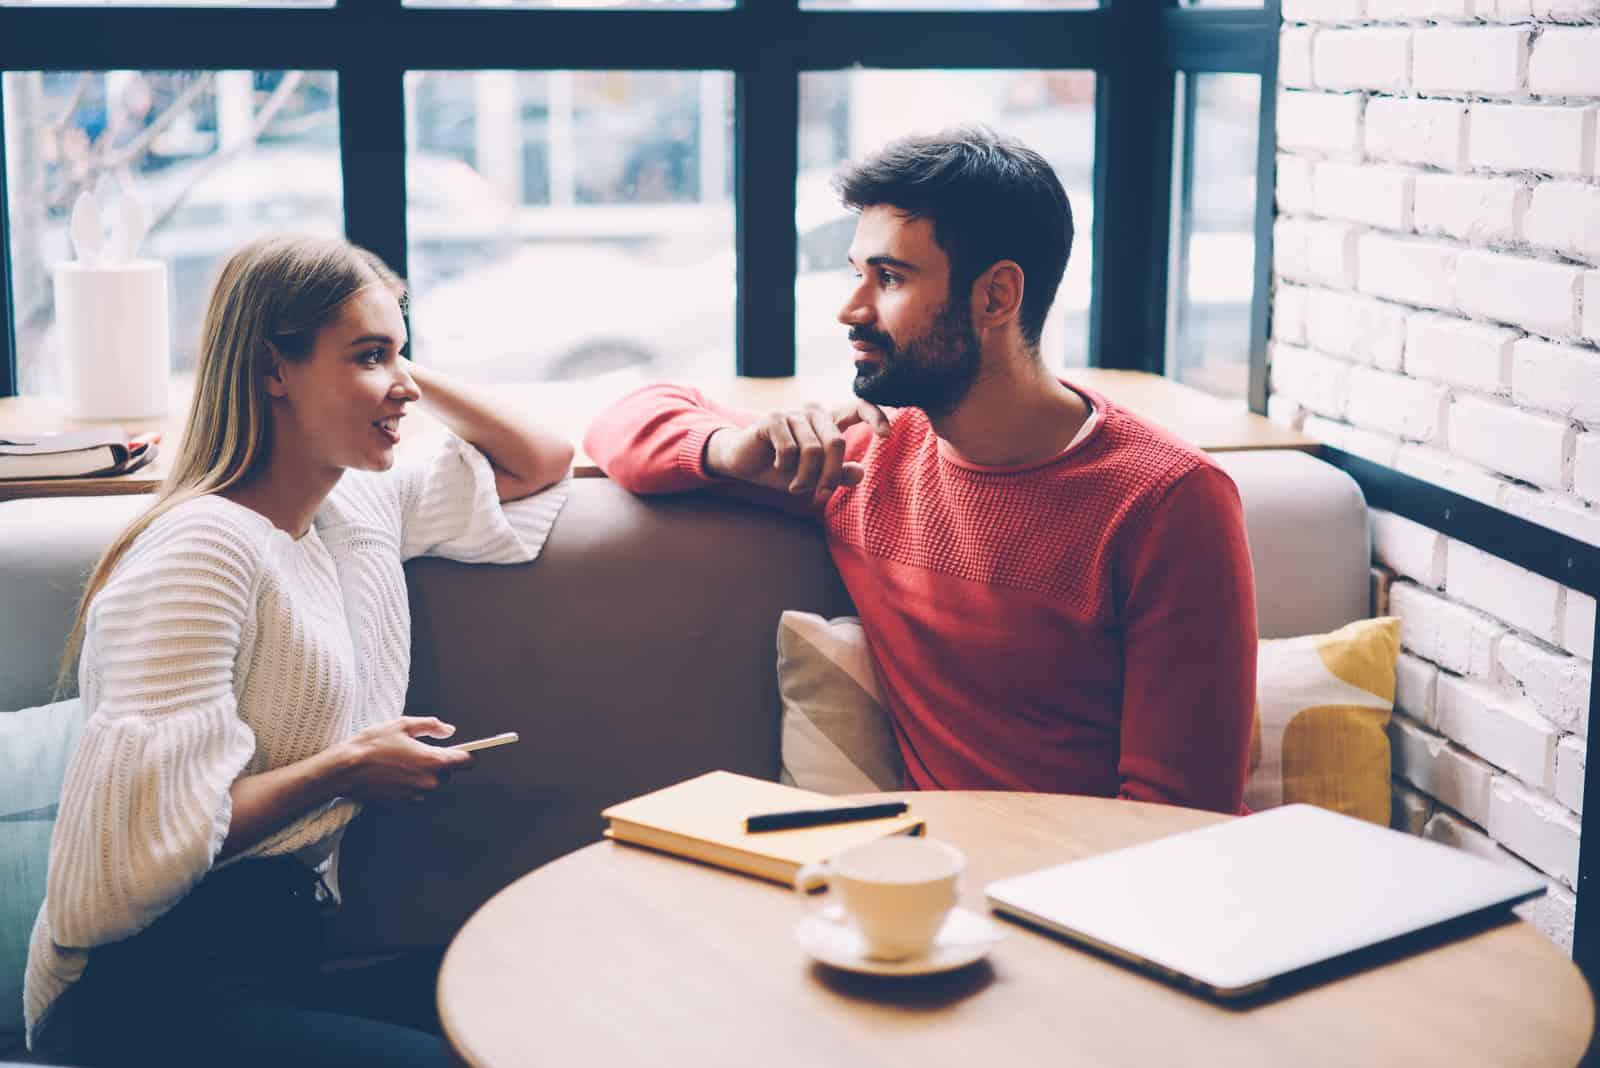 ein mann und eine frau sitzen nebeneinander und unterhalten sich